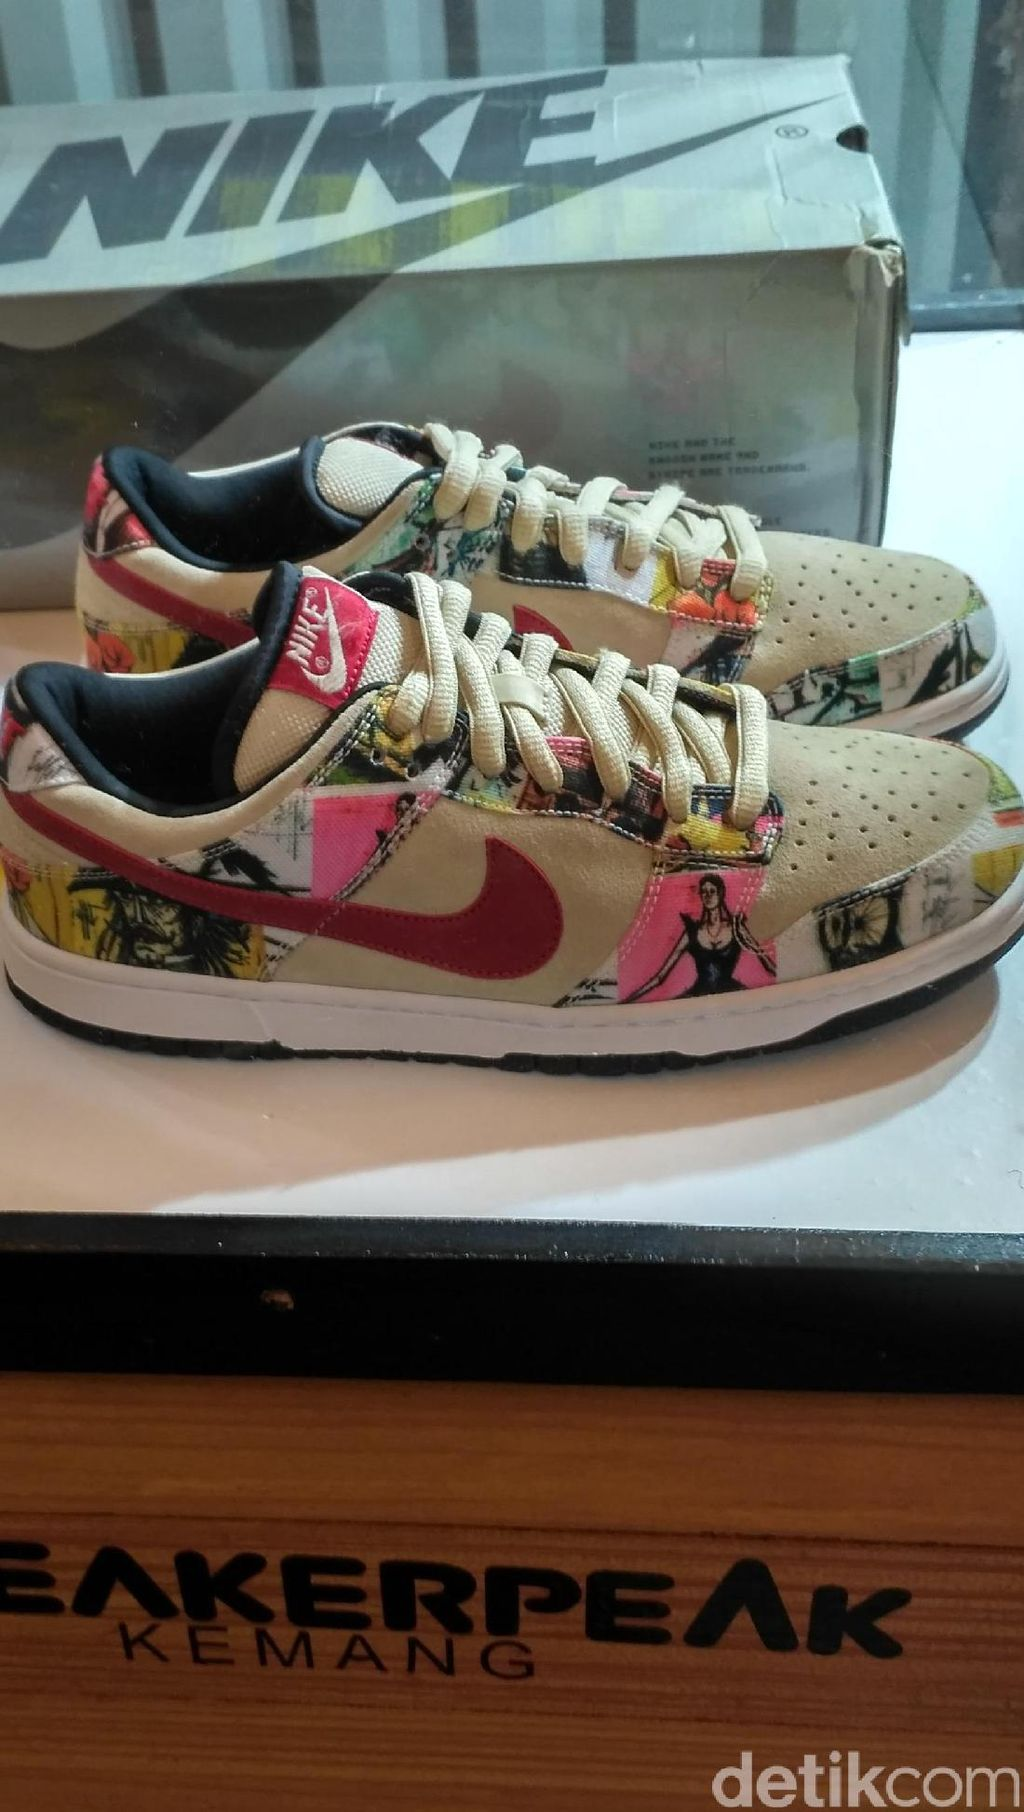 Sepasang Sneakers Dijual Seharga Rp 168 Jutaan. Apa Istimewanya?